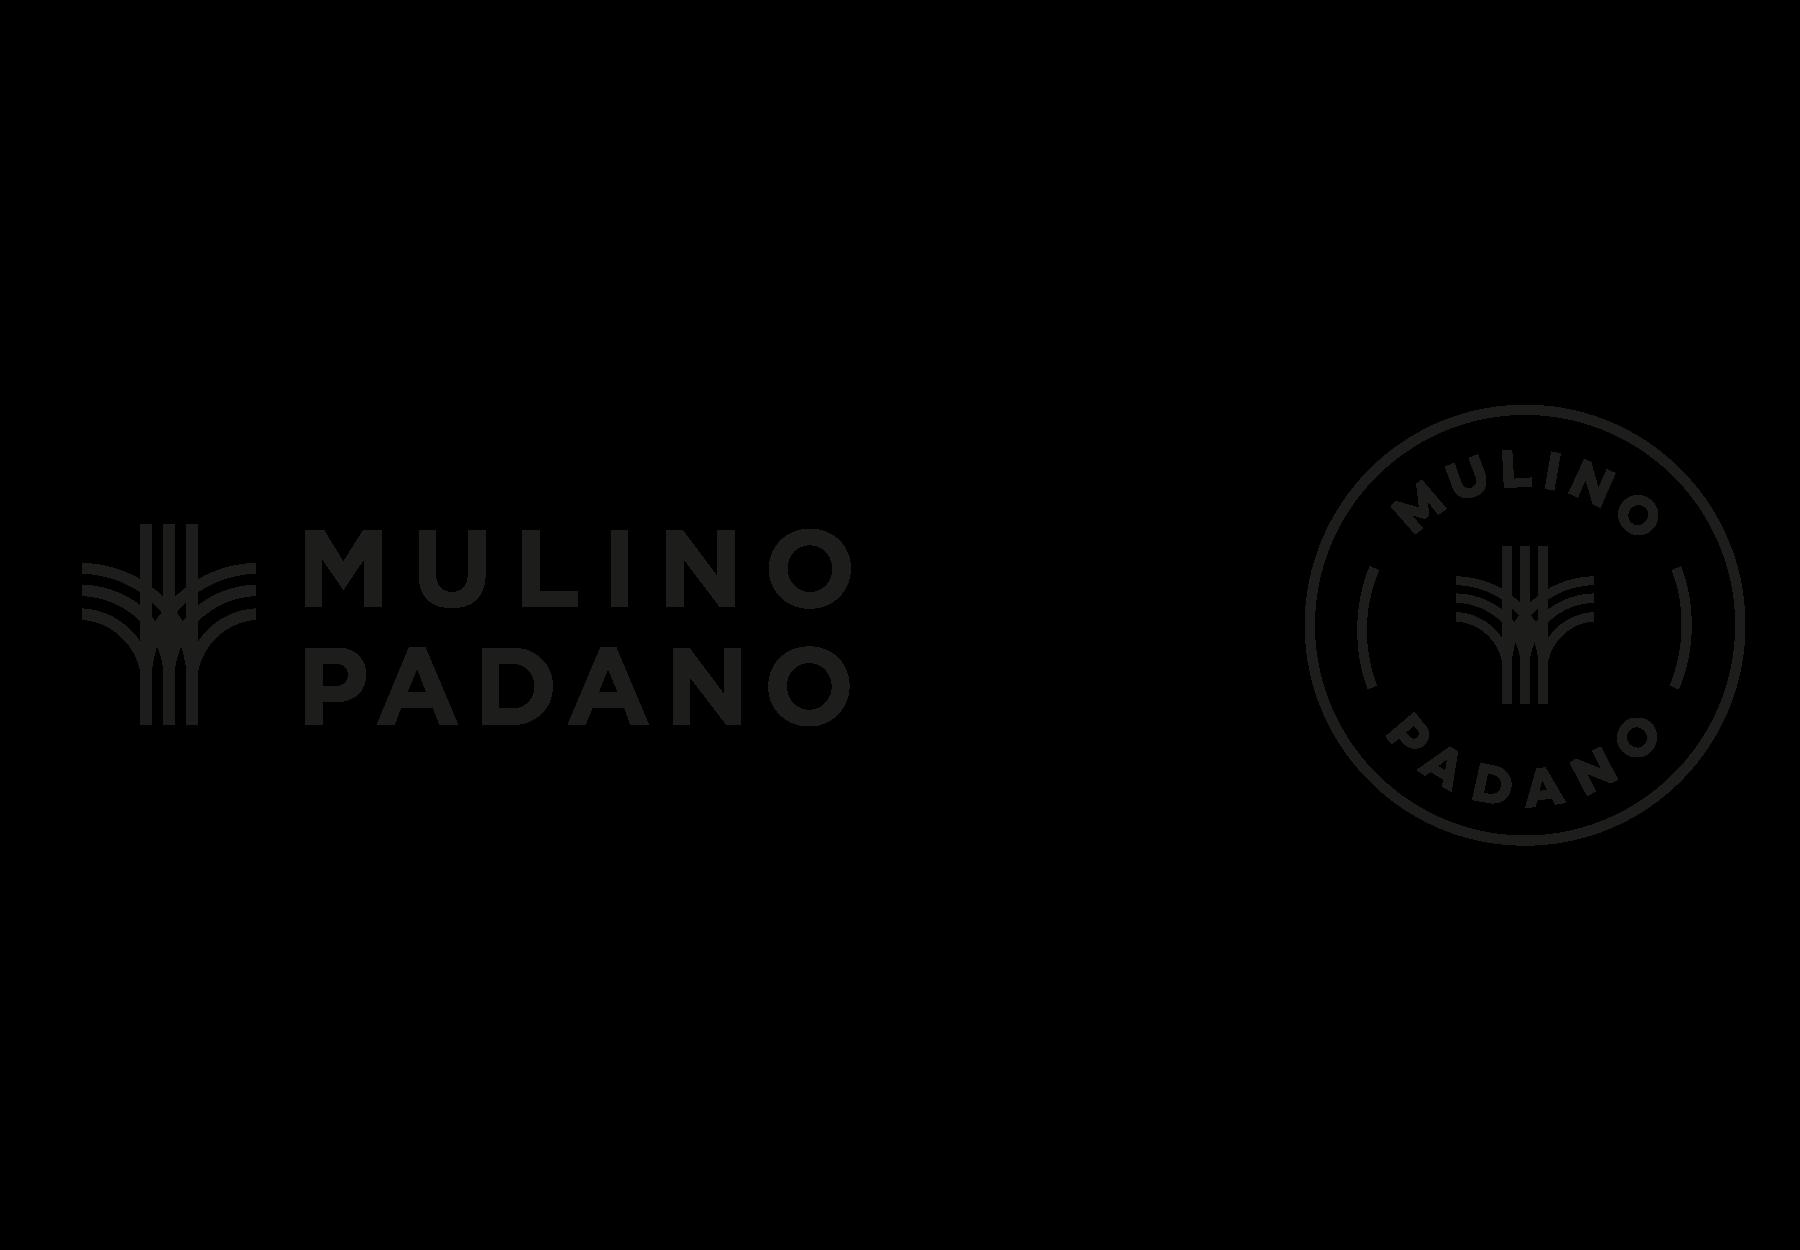 Progettazione Logo Mulino Padano - DryStudio